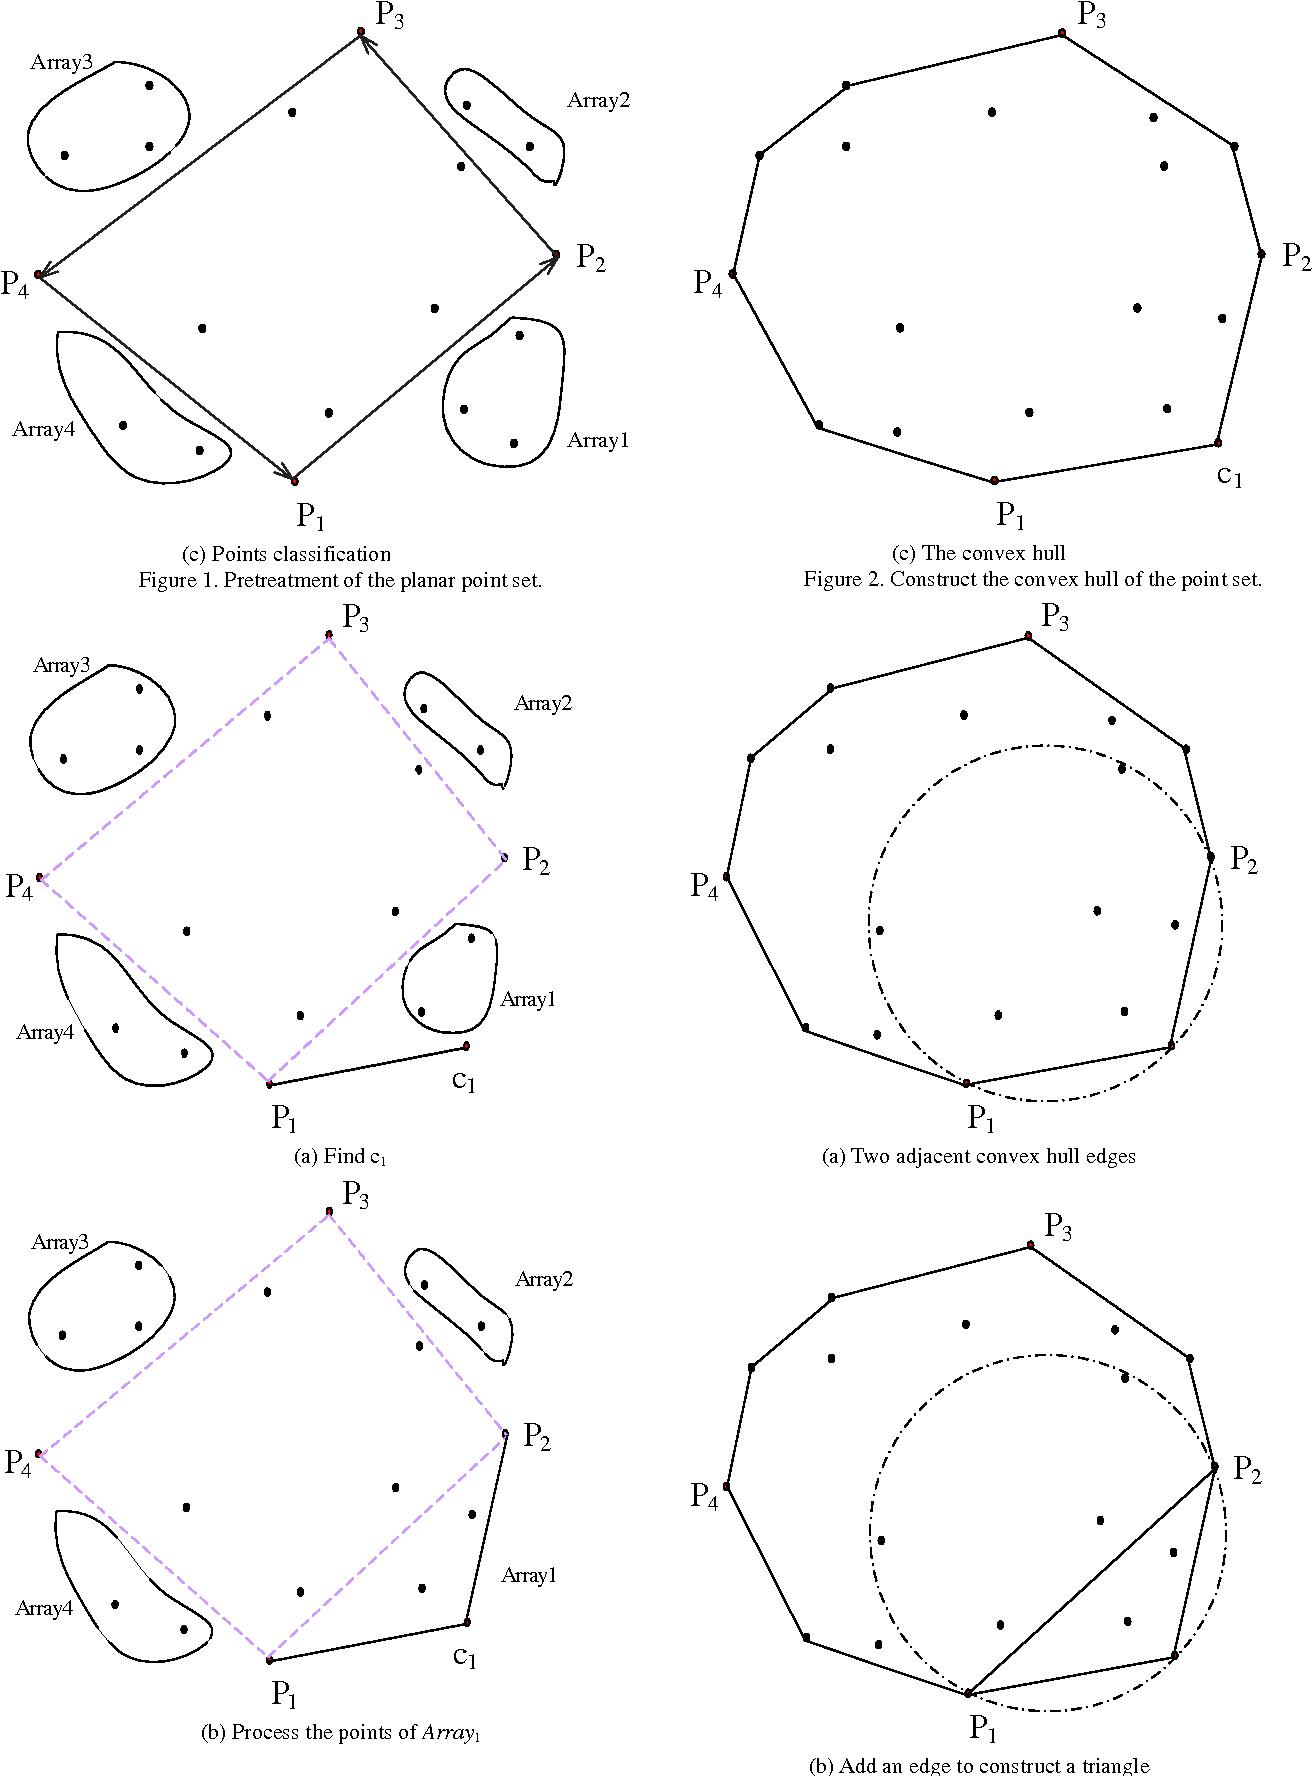 Voronoi Diagram Generation Algorithm Based On Delaunay Triangulation Figure 1